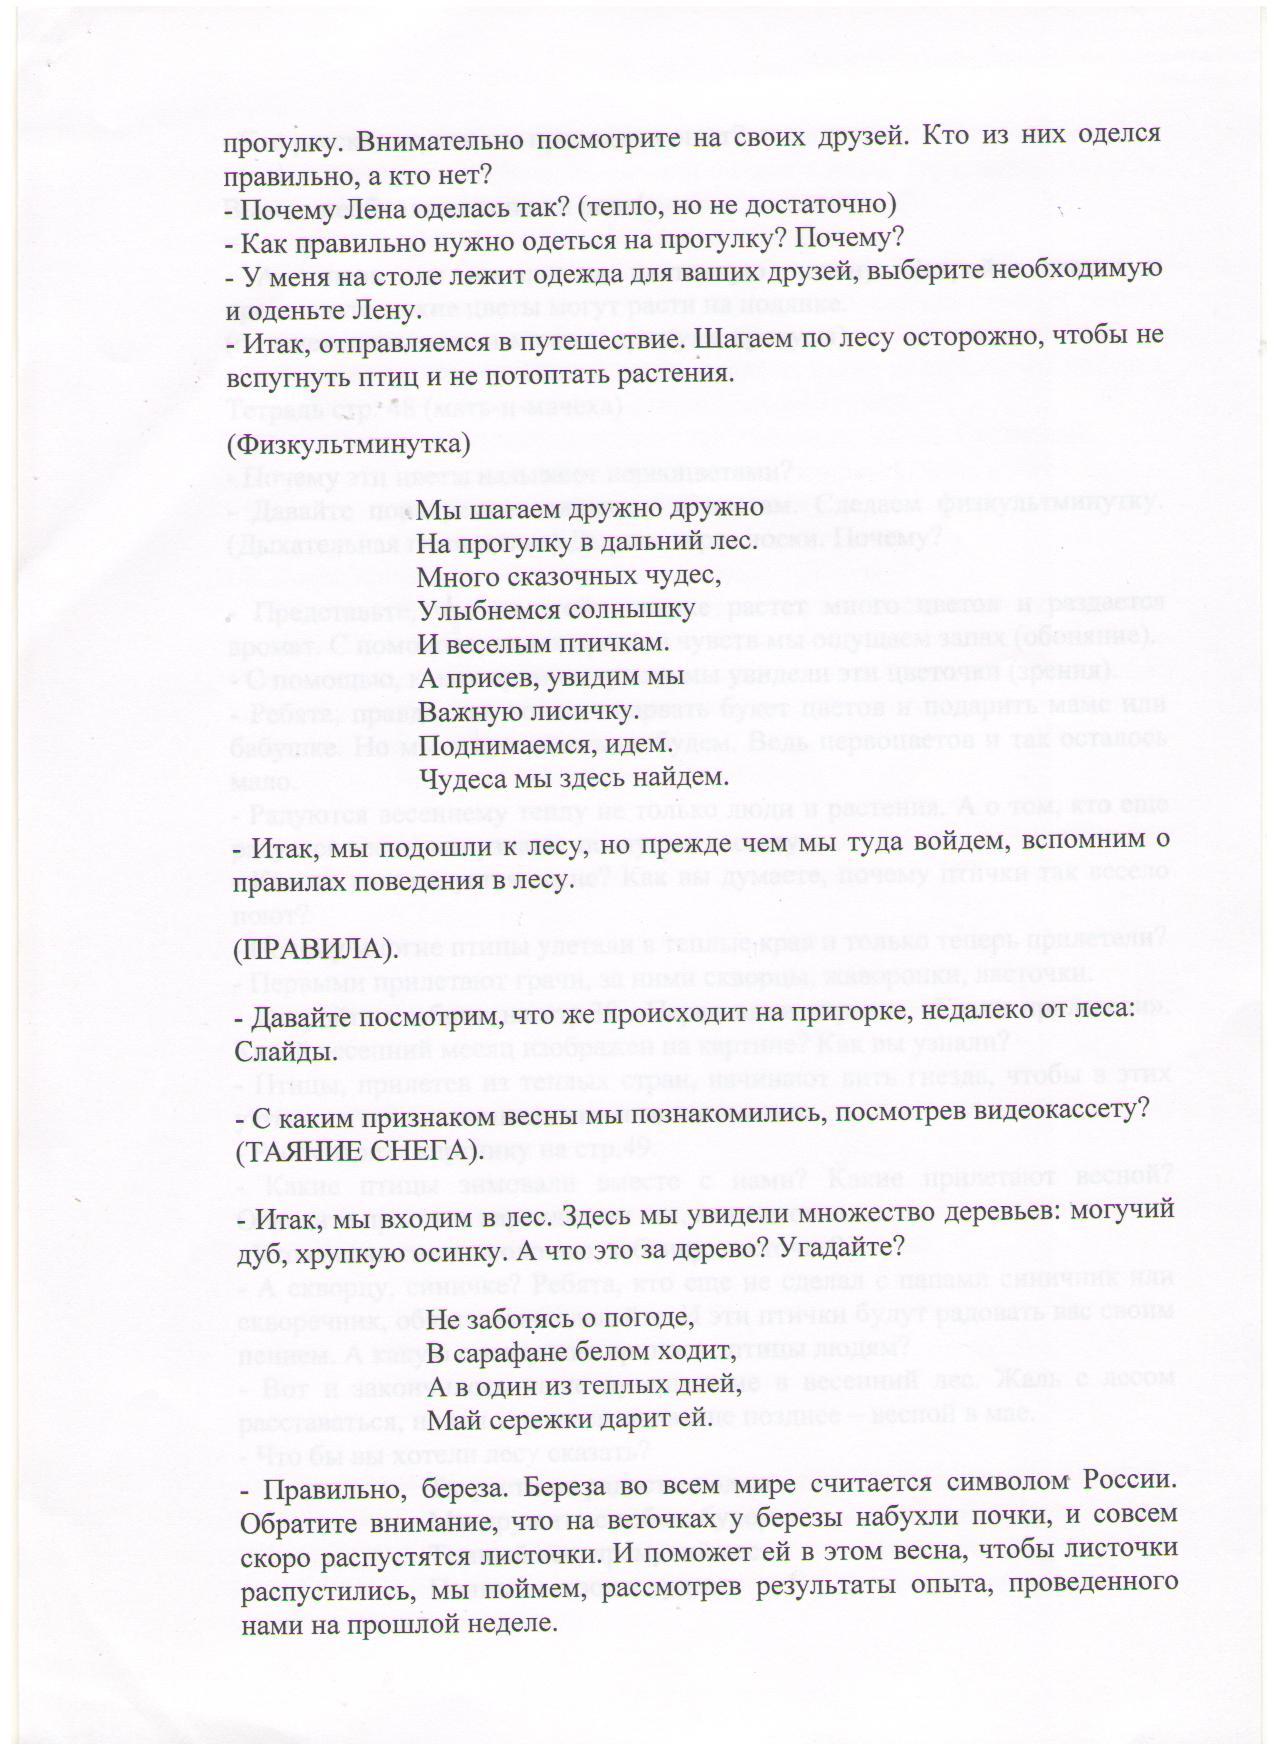 C:\Documents and Settings\user\Мои документы\Мои рисунки\2\2 042.jpg